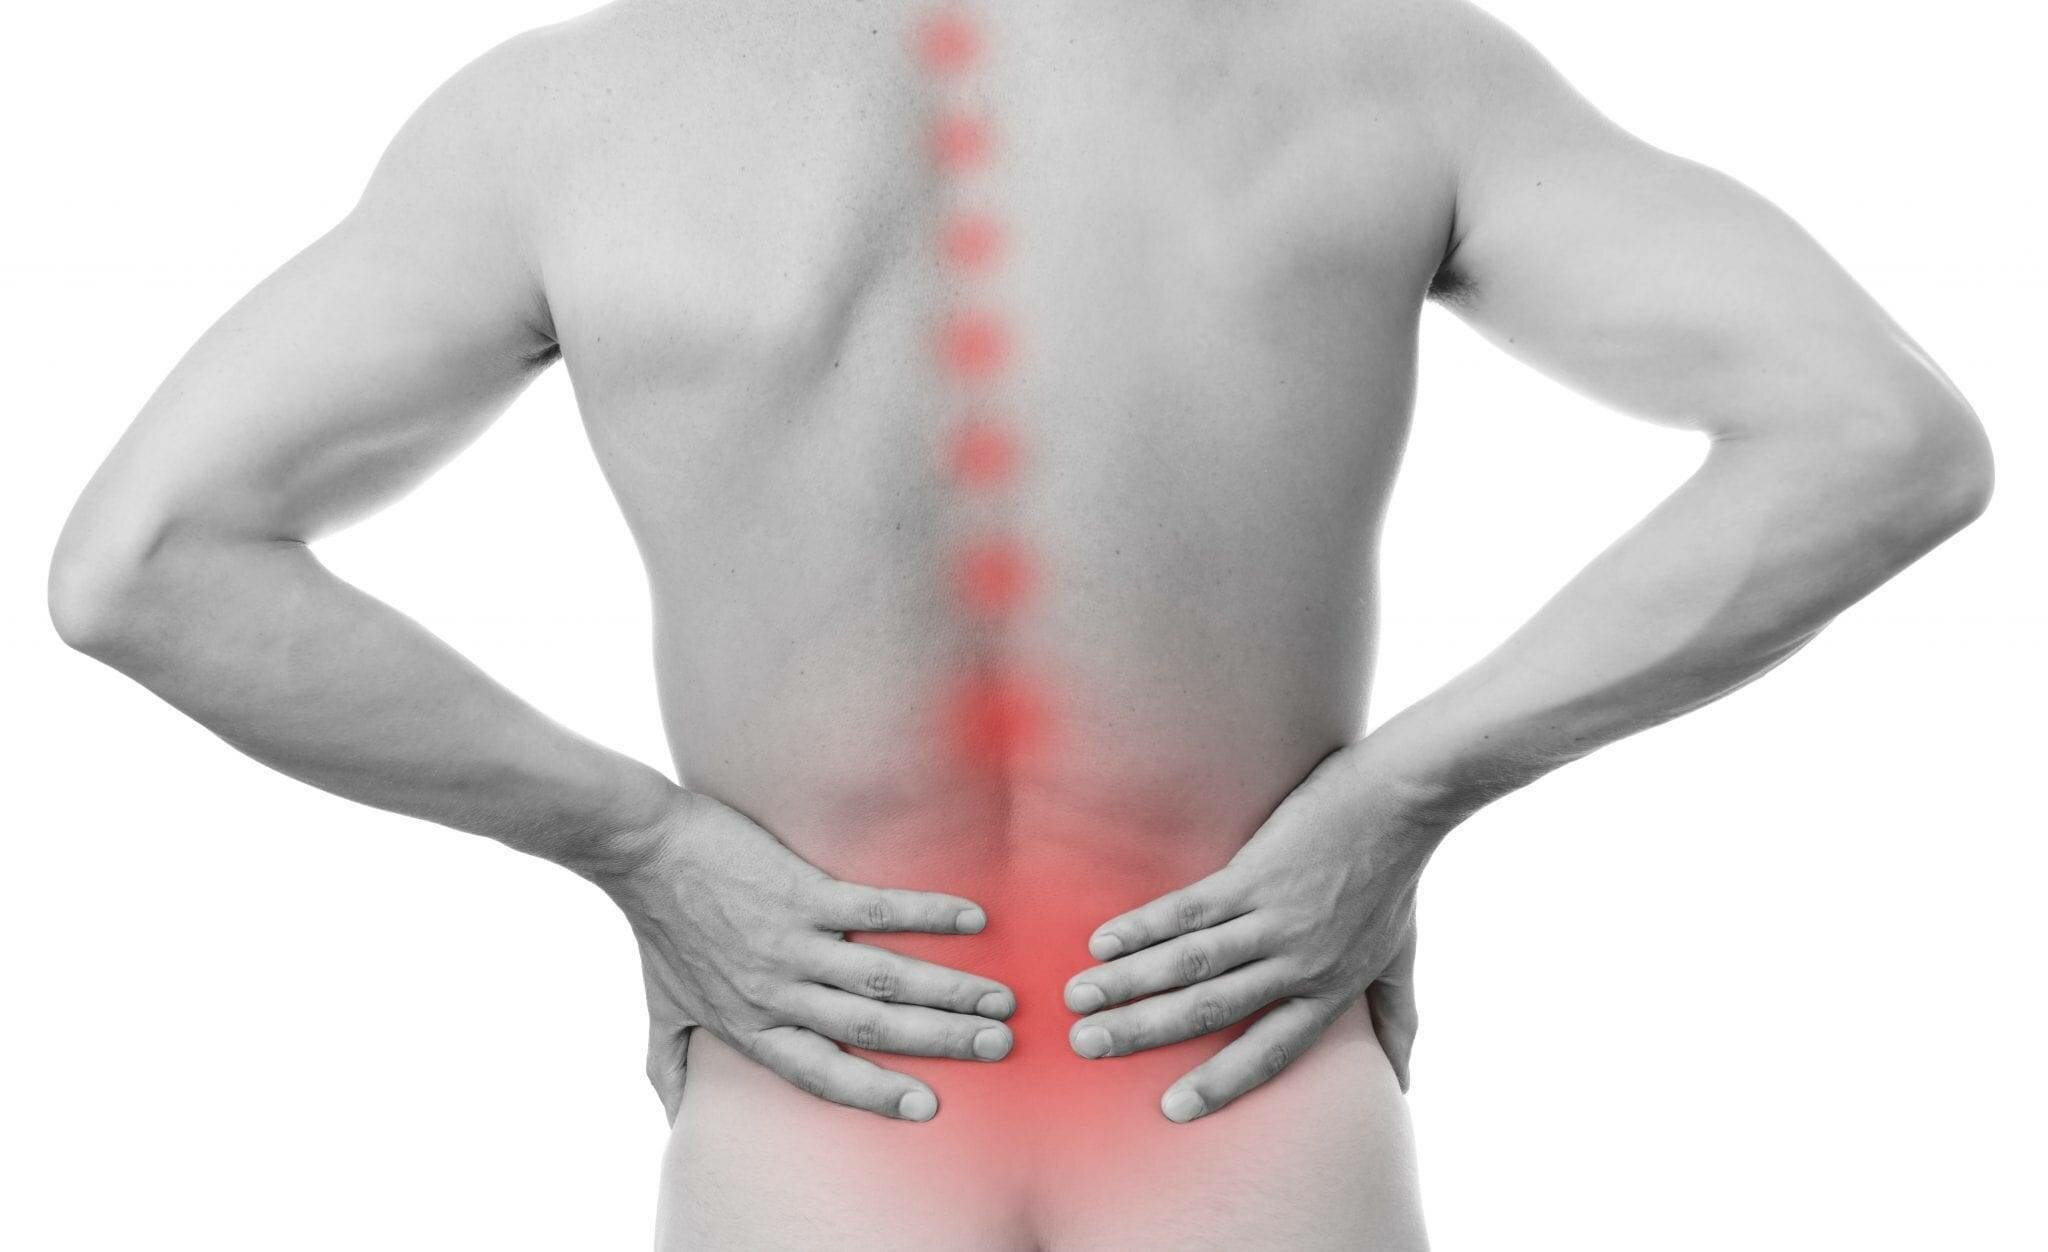 Боли в поясничном отделе позвоночника симптомы лечение